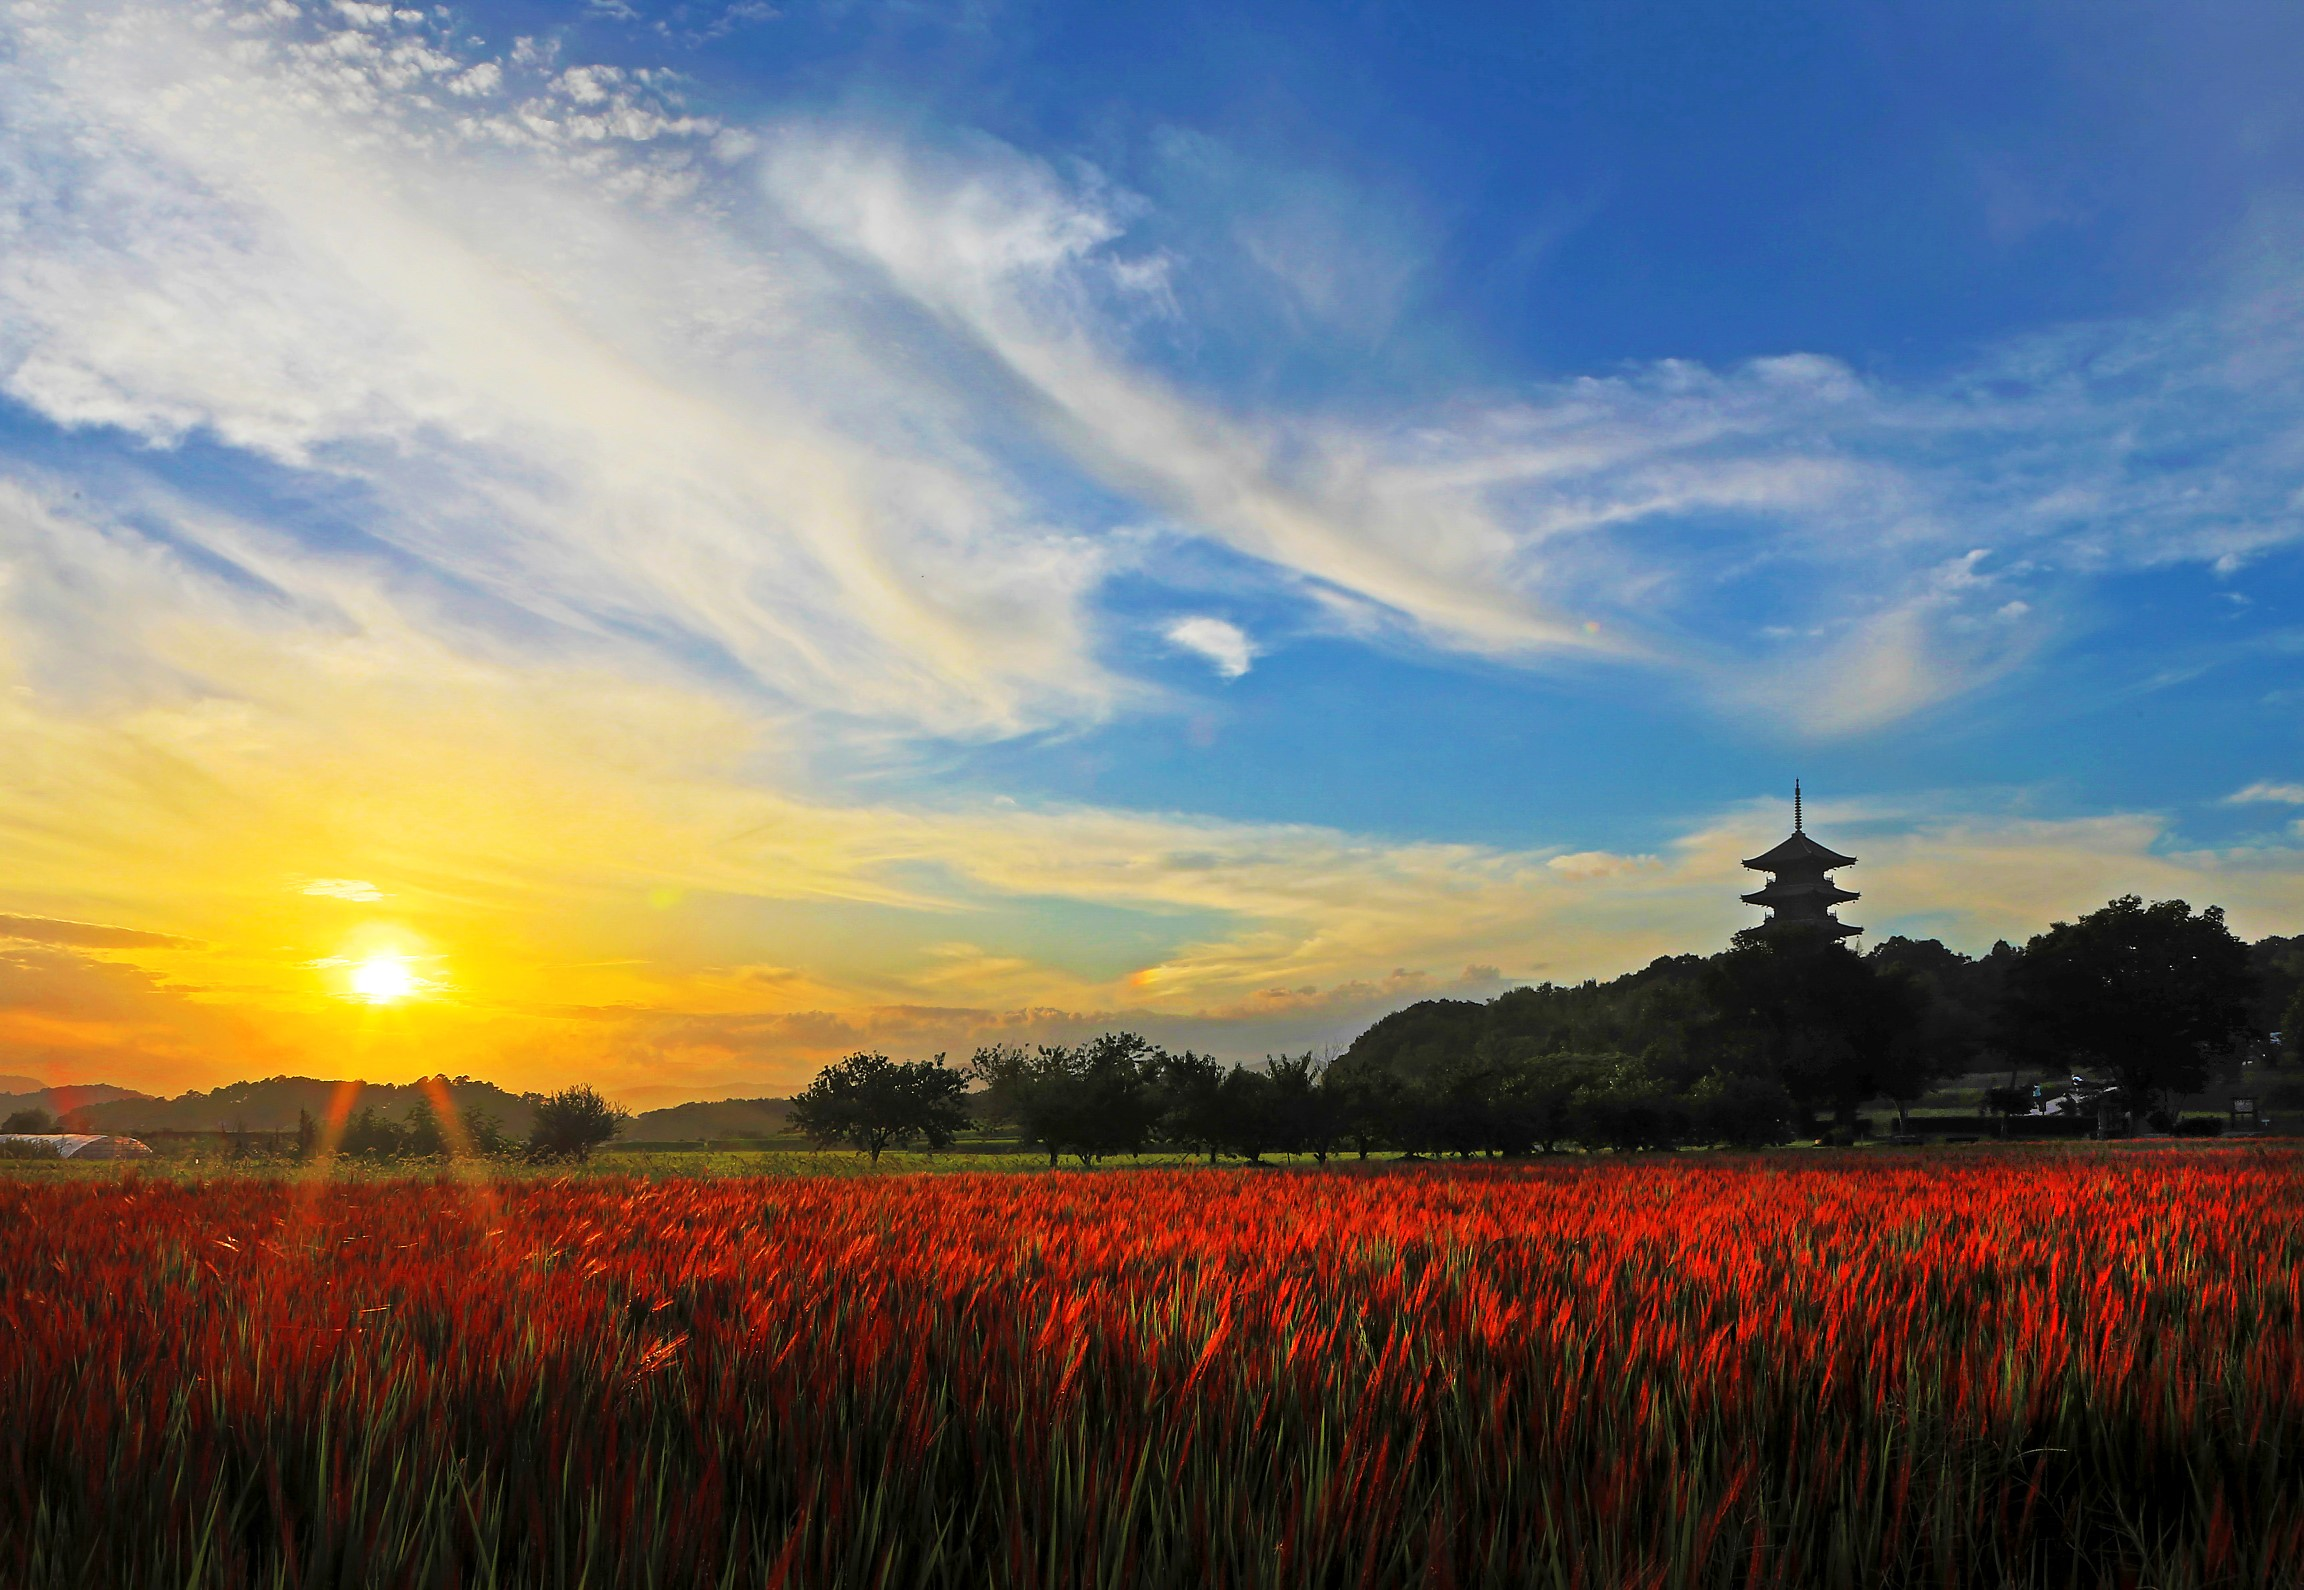 夕日を浴びる赤米